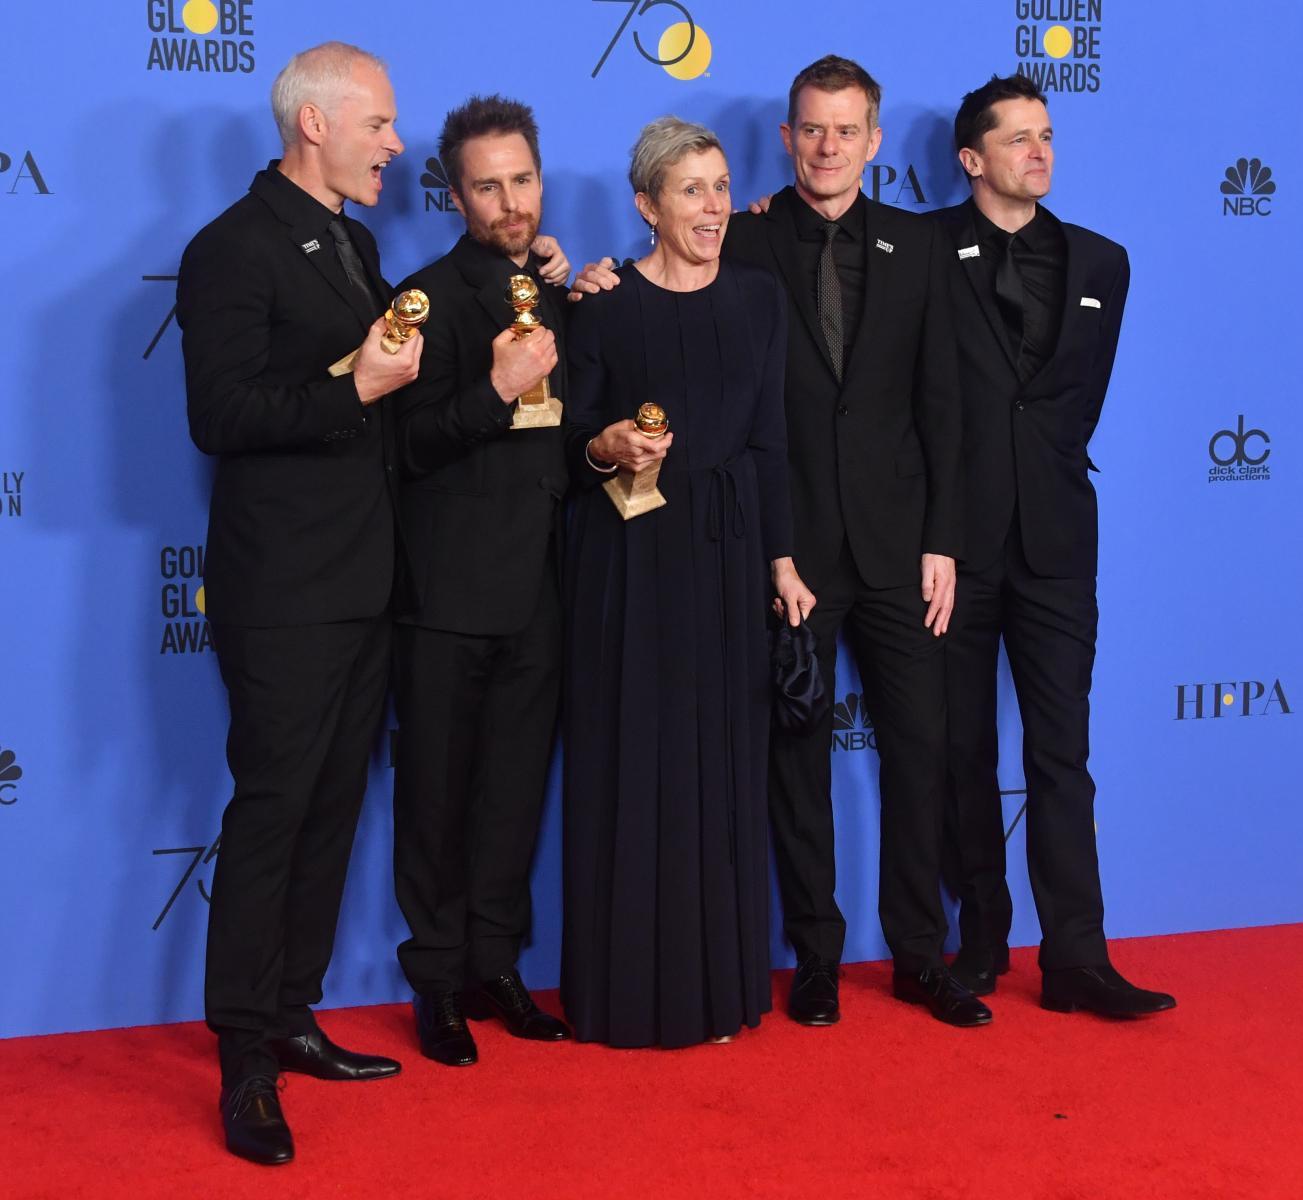 คนดังฮอลลีวูดแต่งชุดดำเดินพรมแดงลูกโลกทองคำ ต้านคุกคามทางเพศ